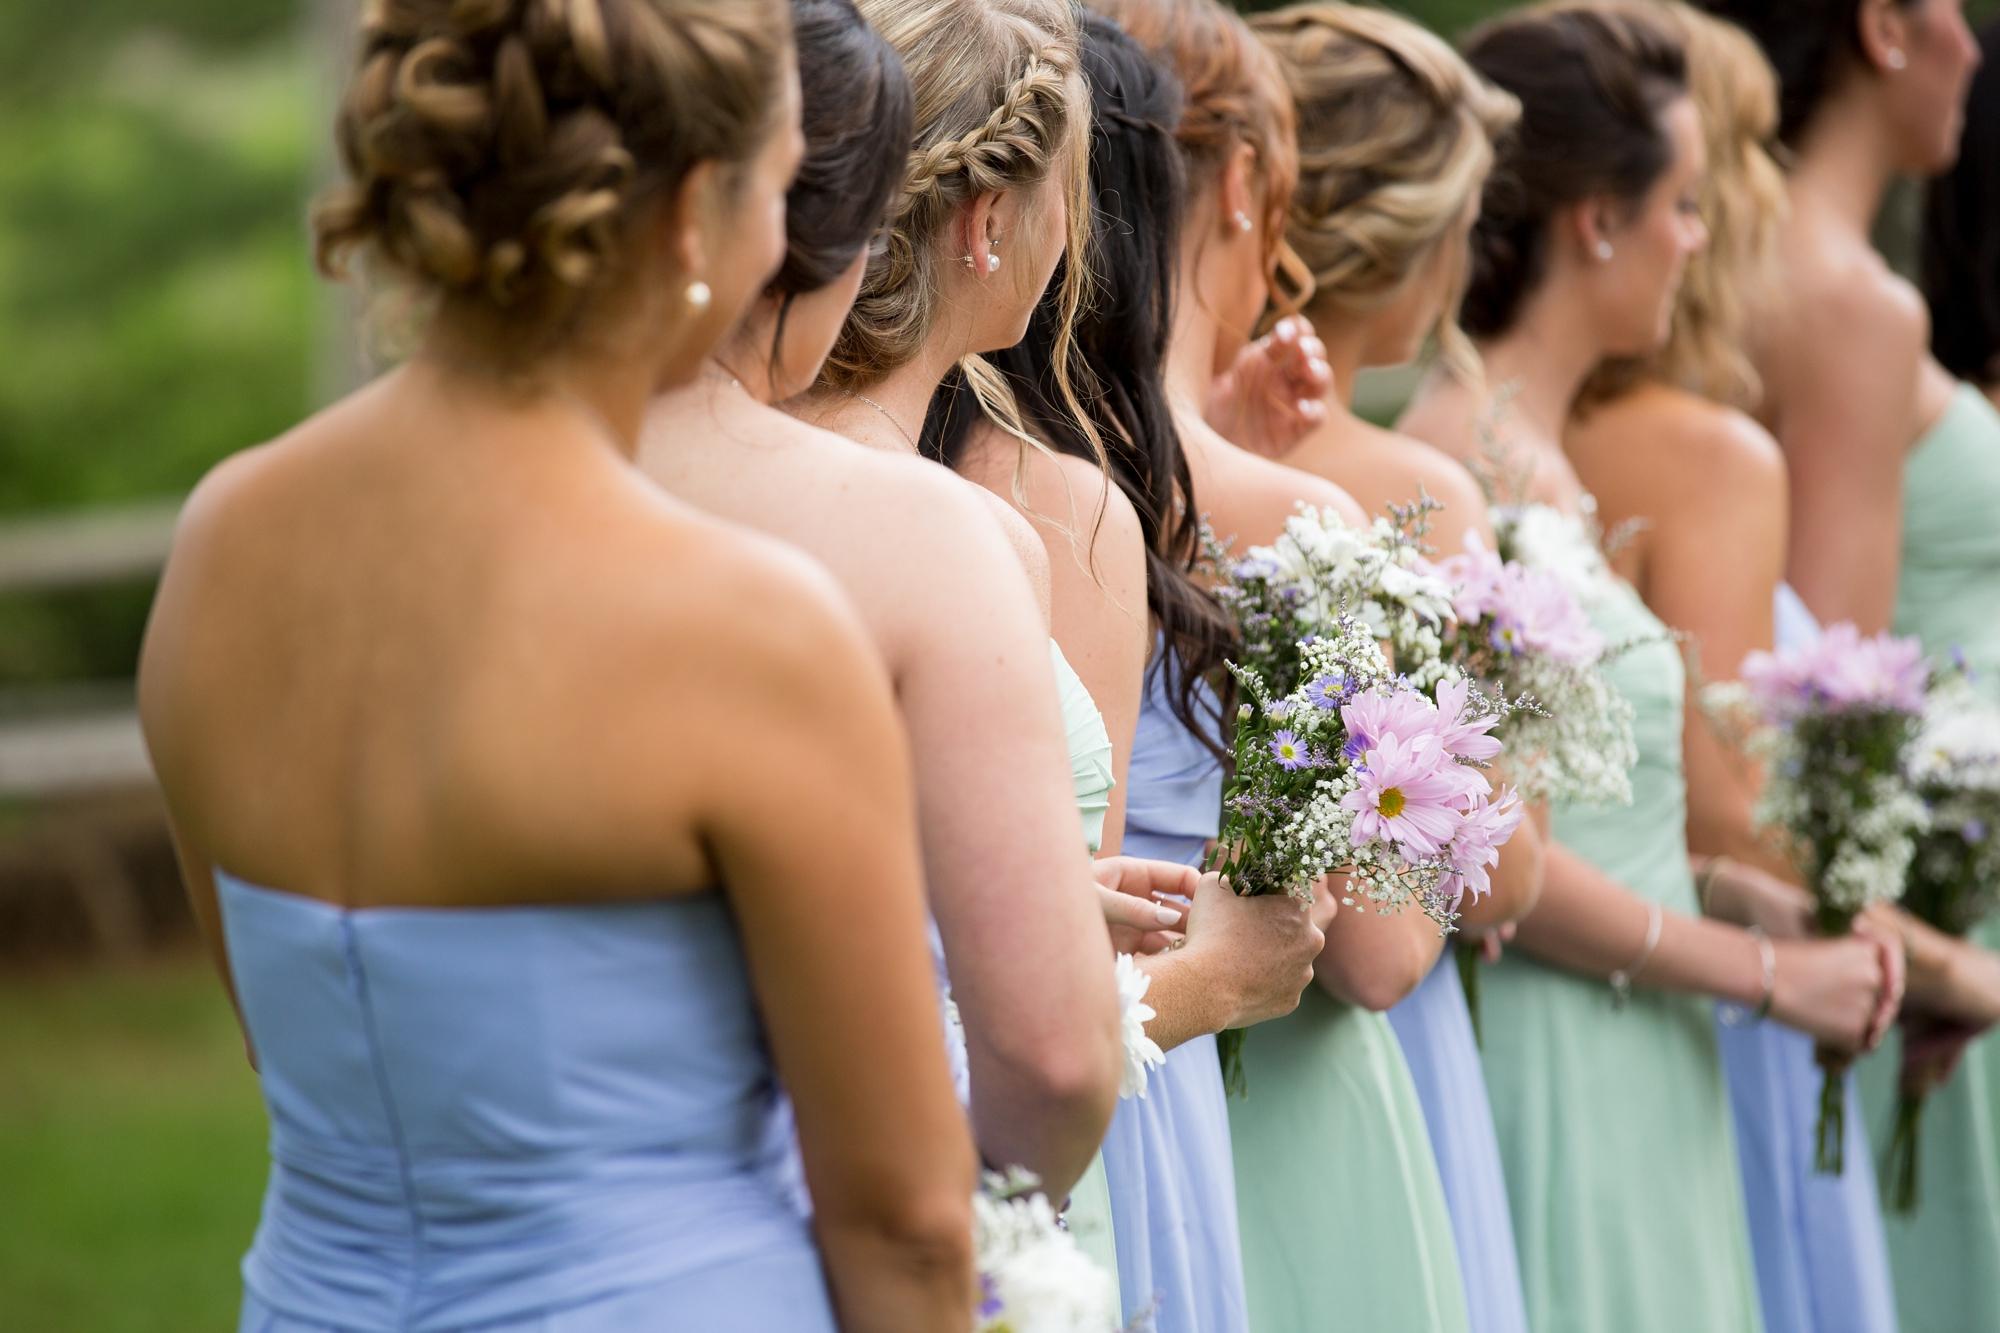 Albany NY Wedding Photographer Justin Tibbitts Photography 2014 Best of Albany NY Weddings-50647139